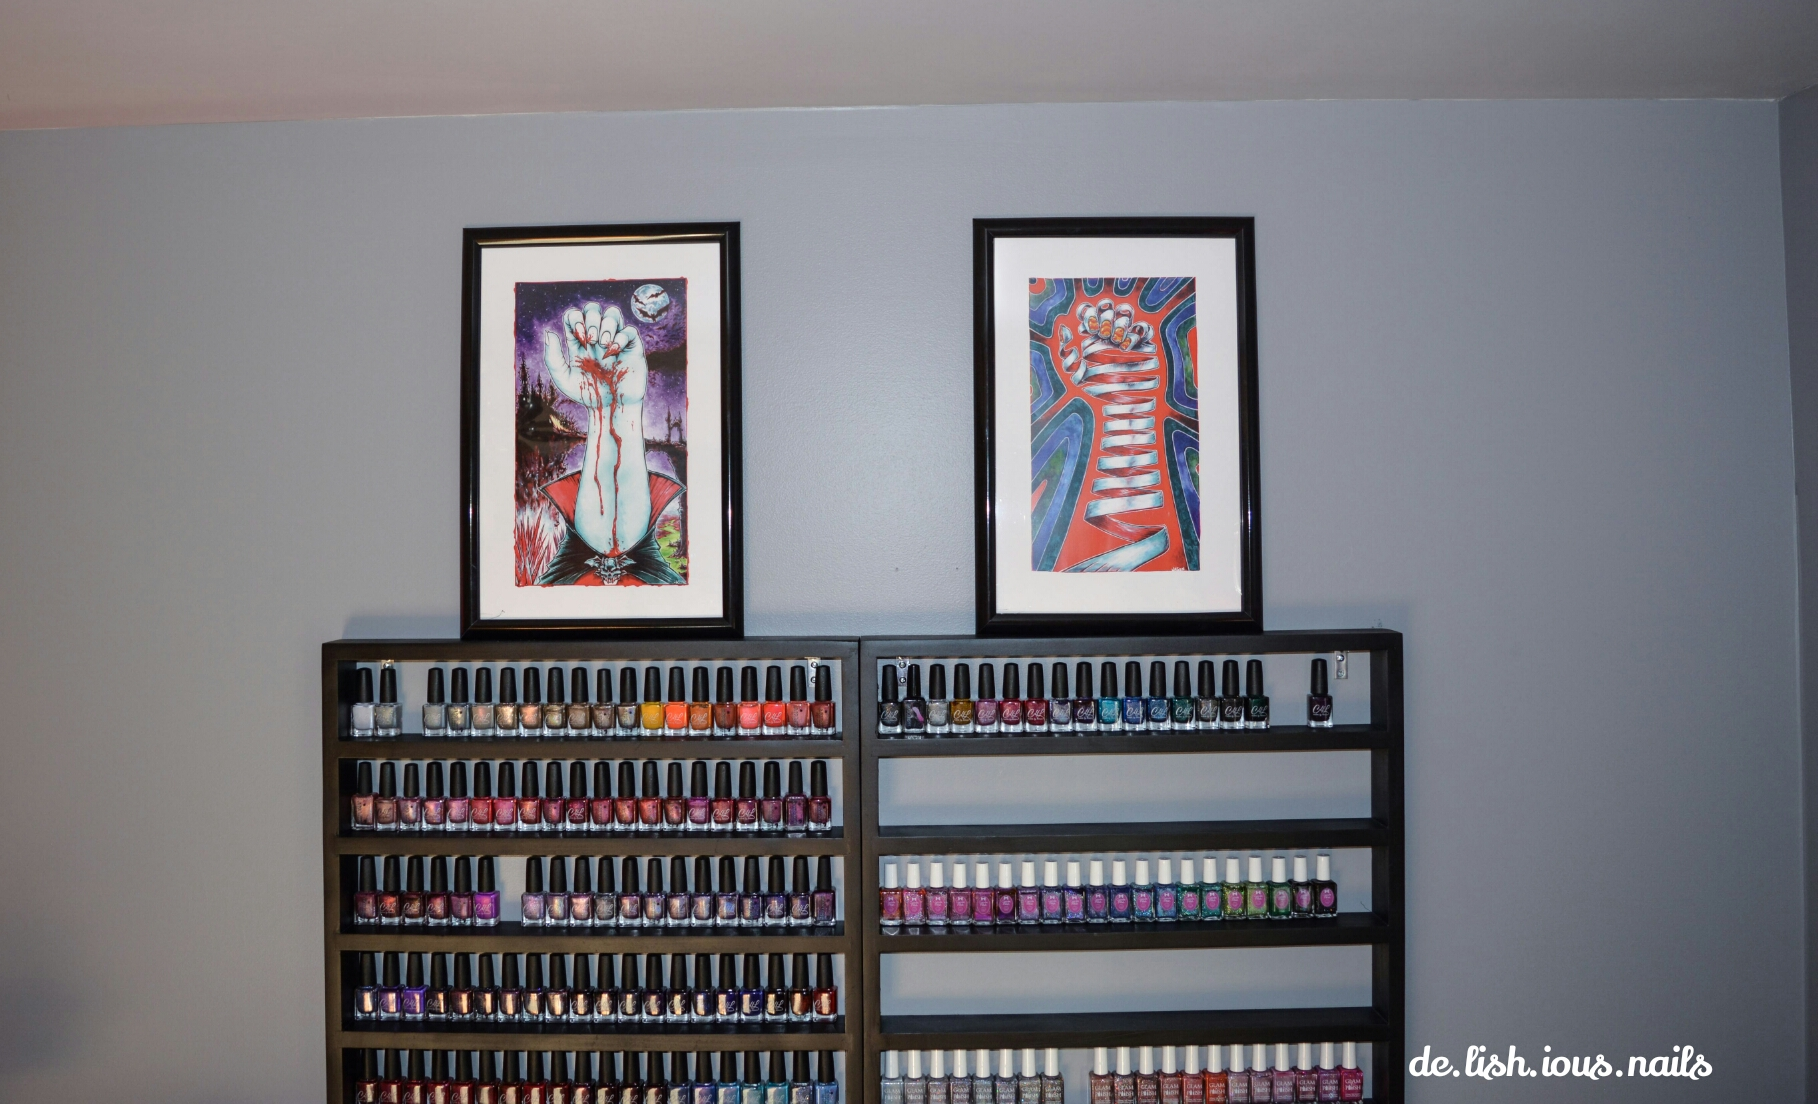 delishious_nails_nail_room_artwork